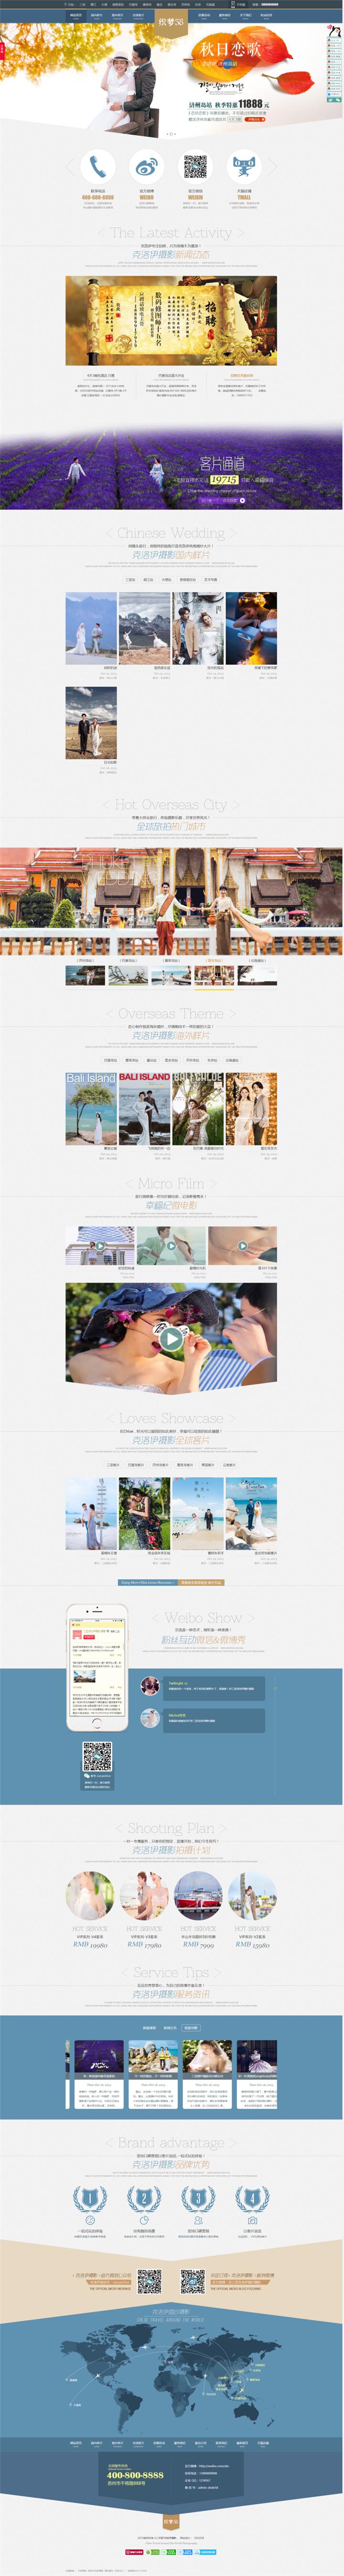 爱上源码网文章高端婚纱摄影婚庆类网站织梦模板(带手机端)营销型整站源码下载的内容插图